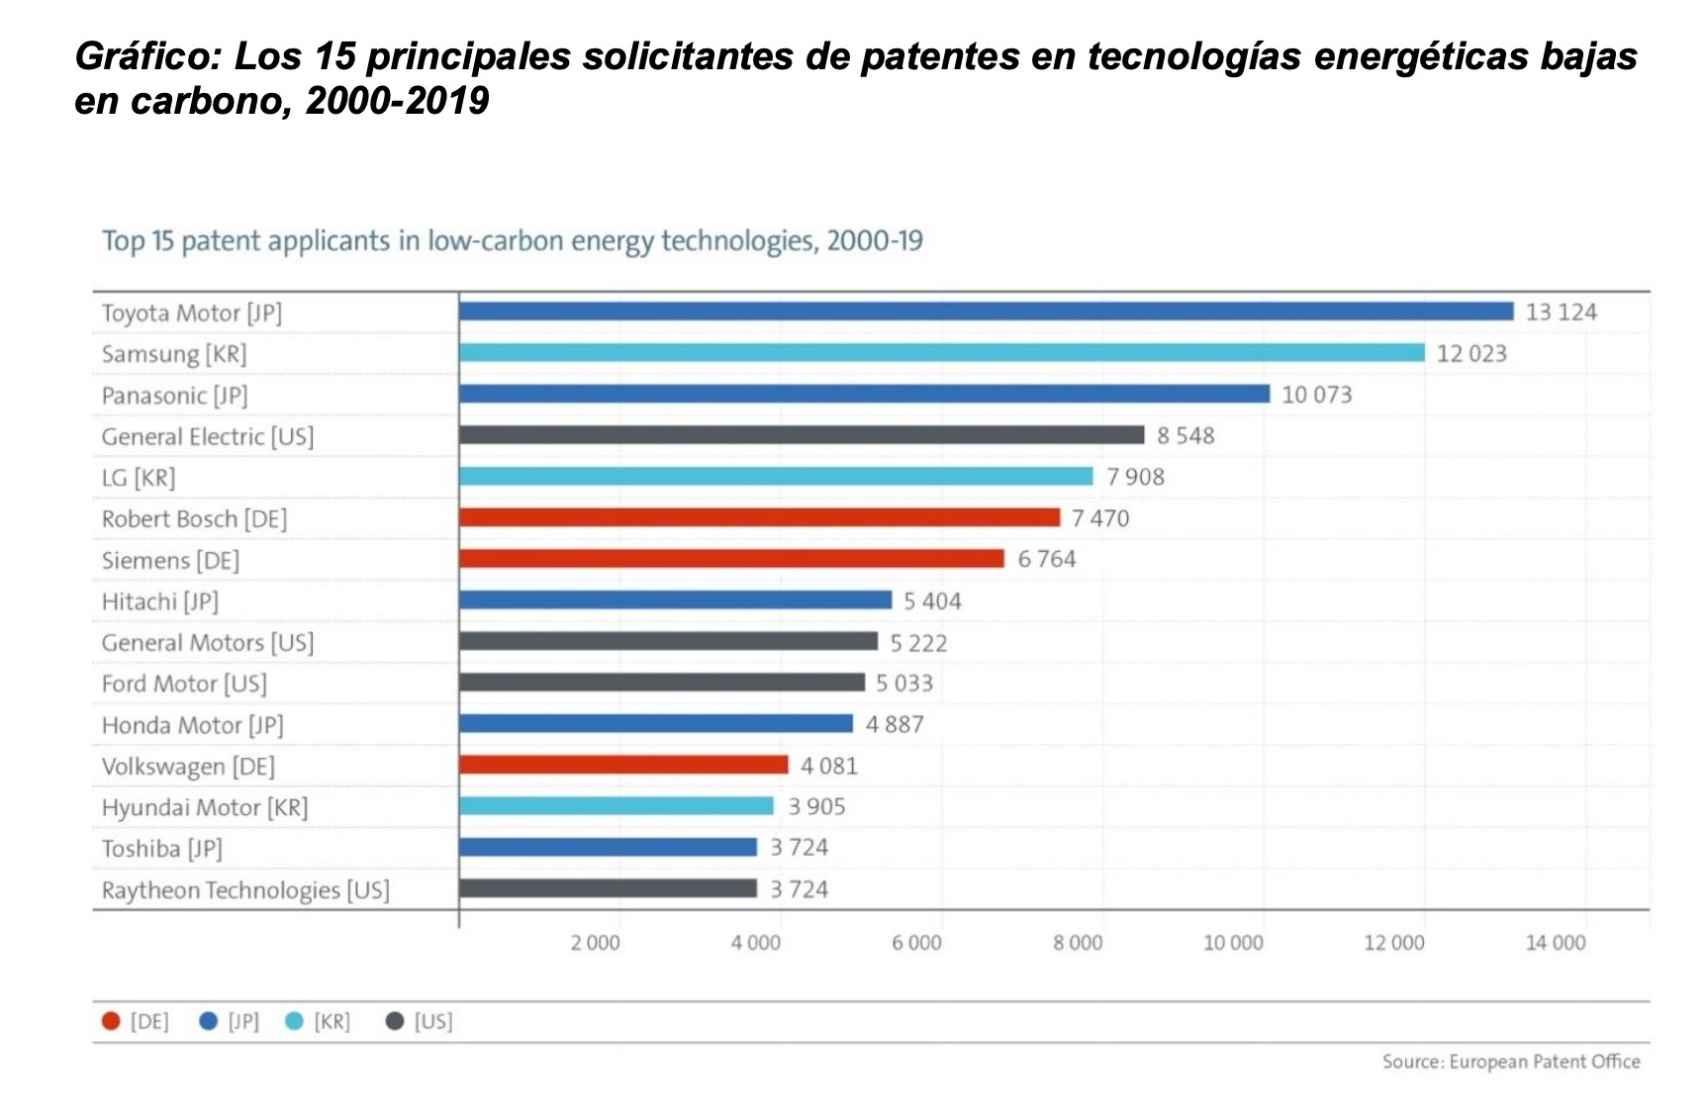 15 principales solicitantes de patentes en electromovilidad